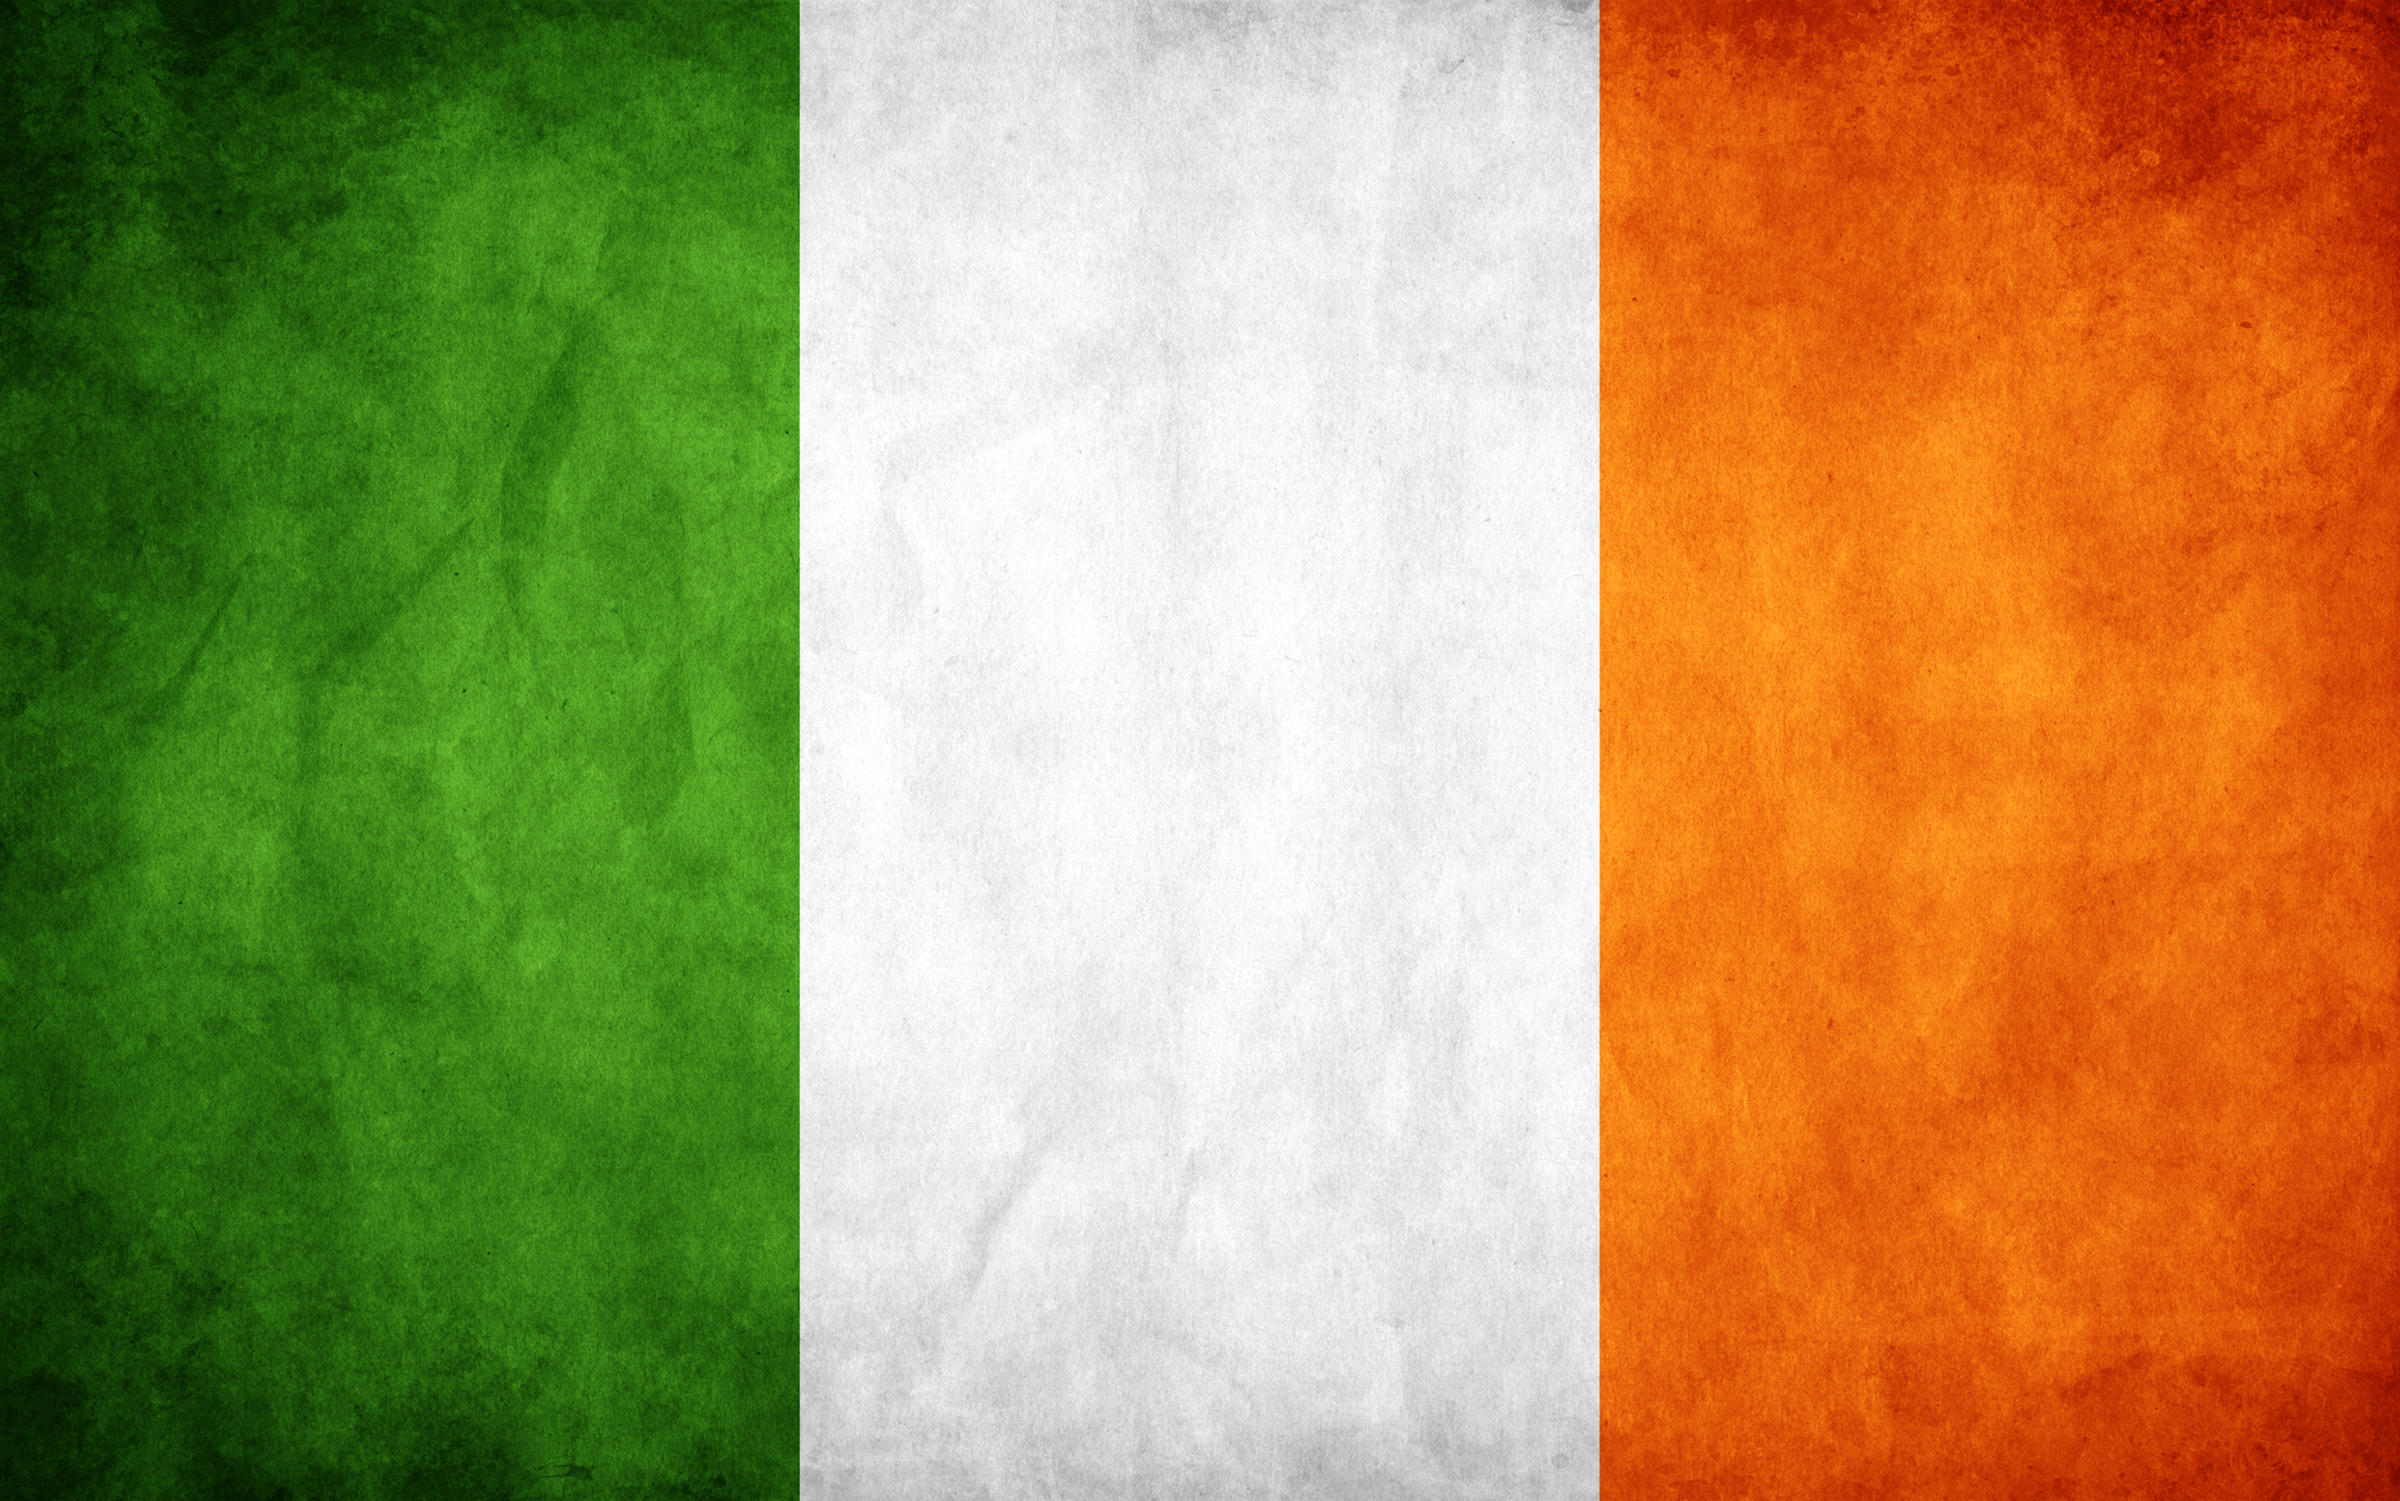 Bandeira da Irlanda